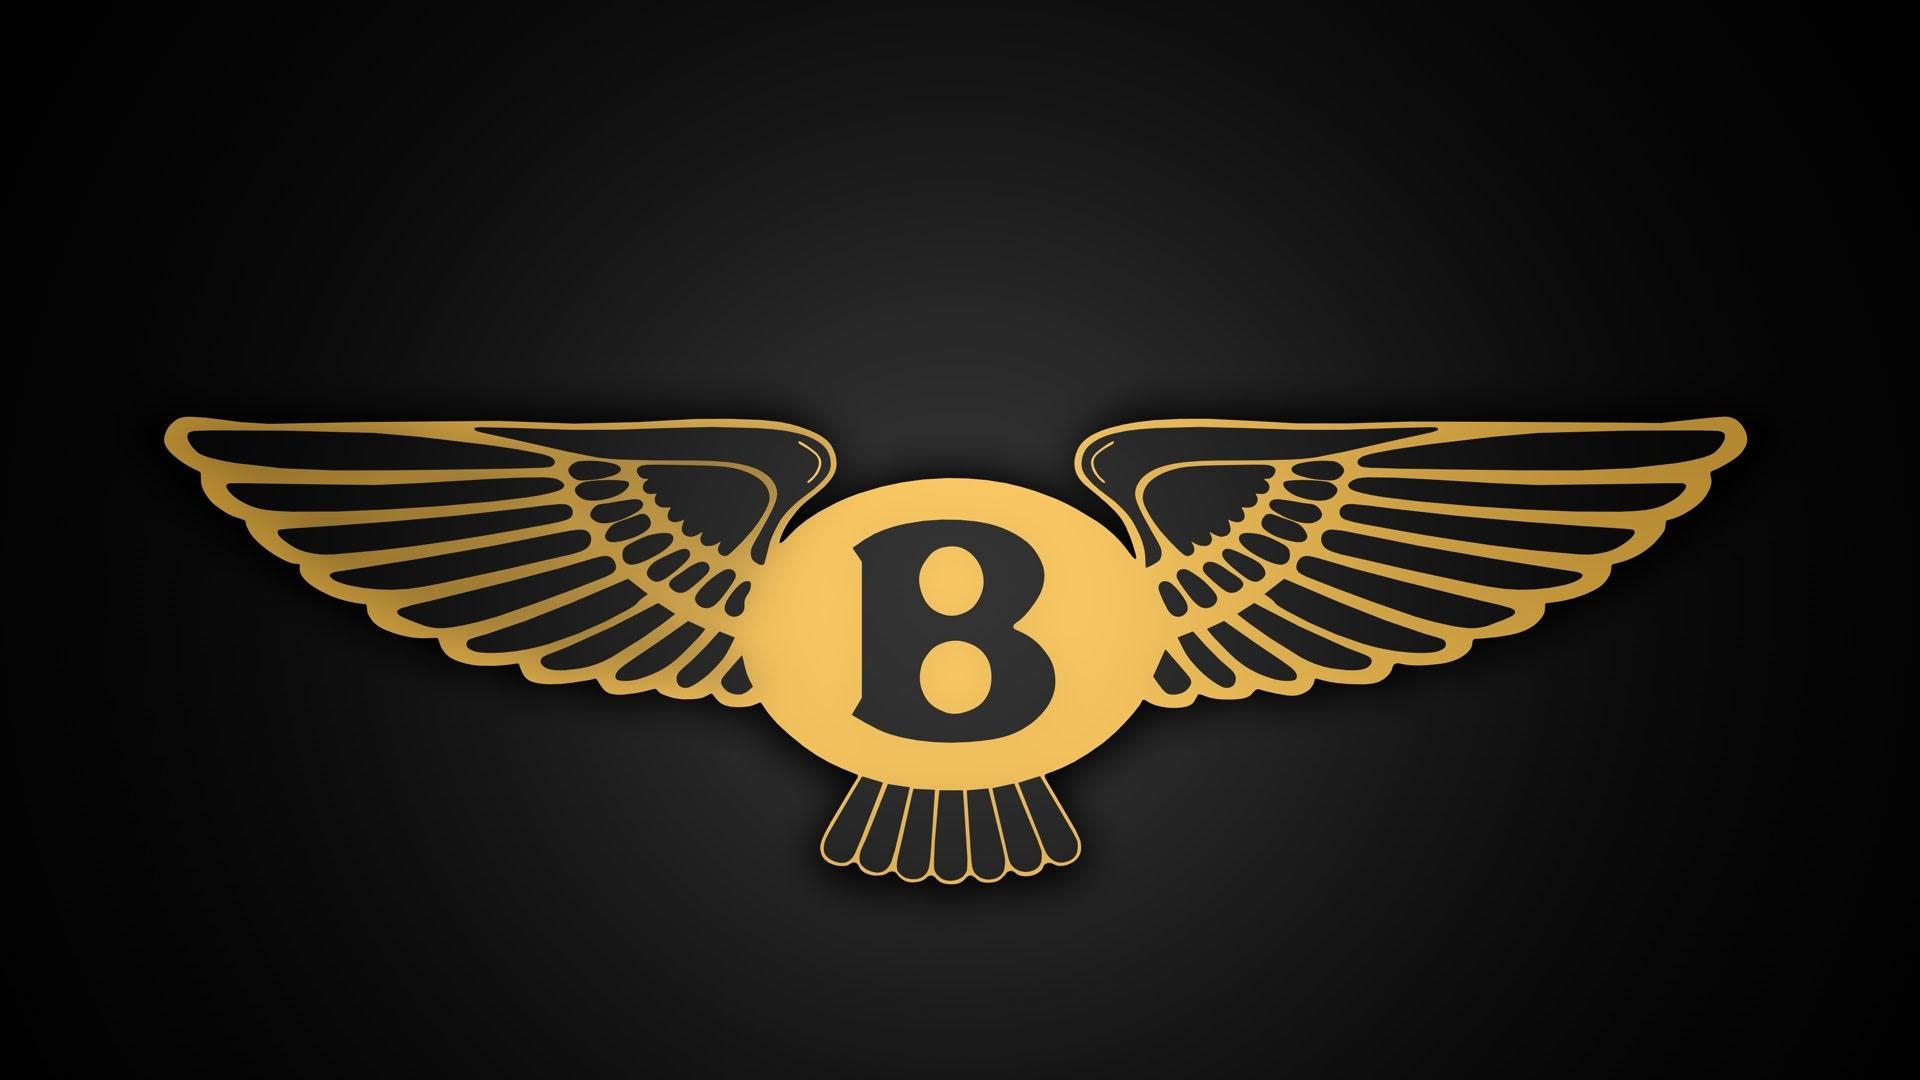 1920x1080 Bentley